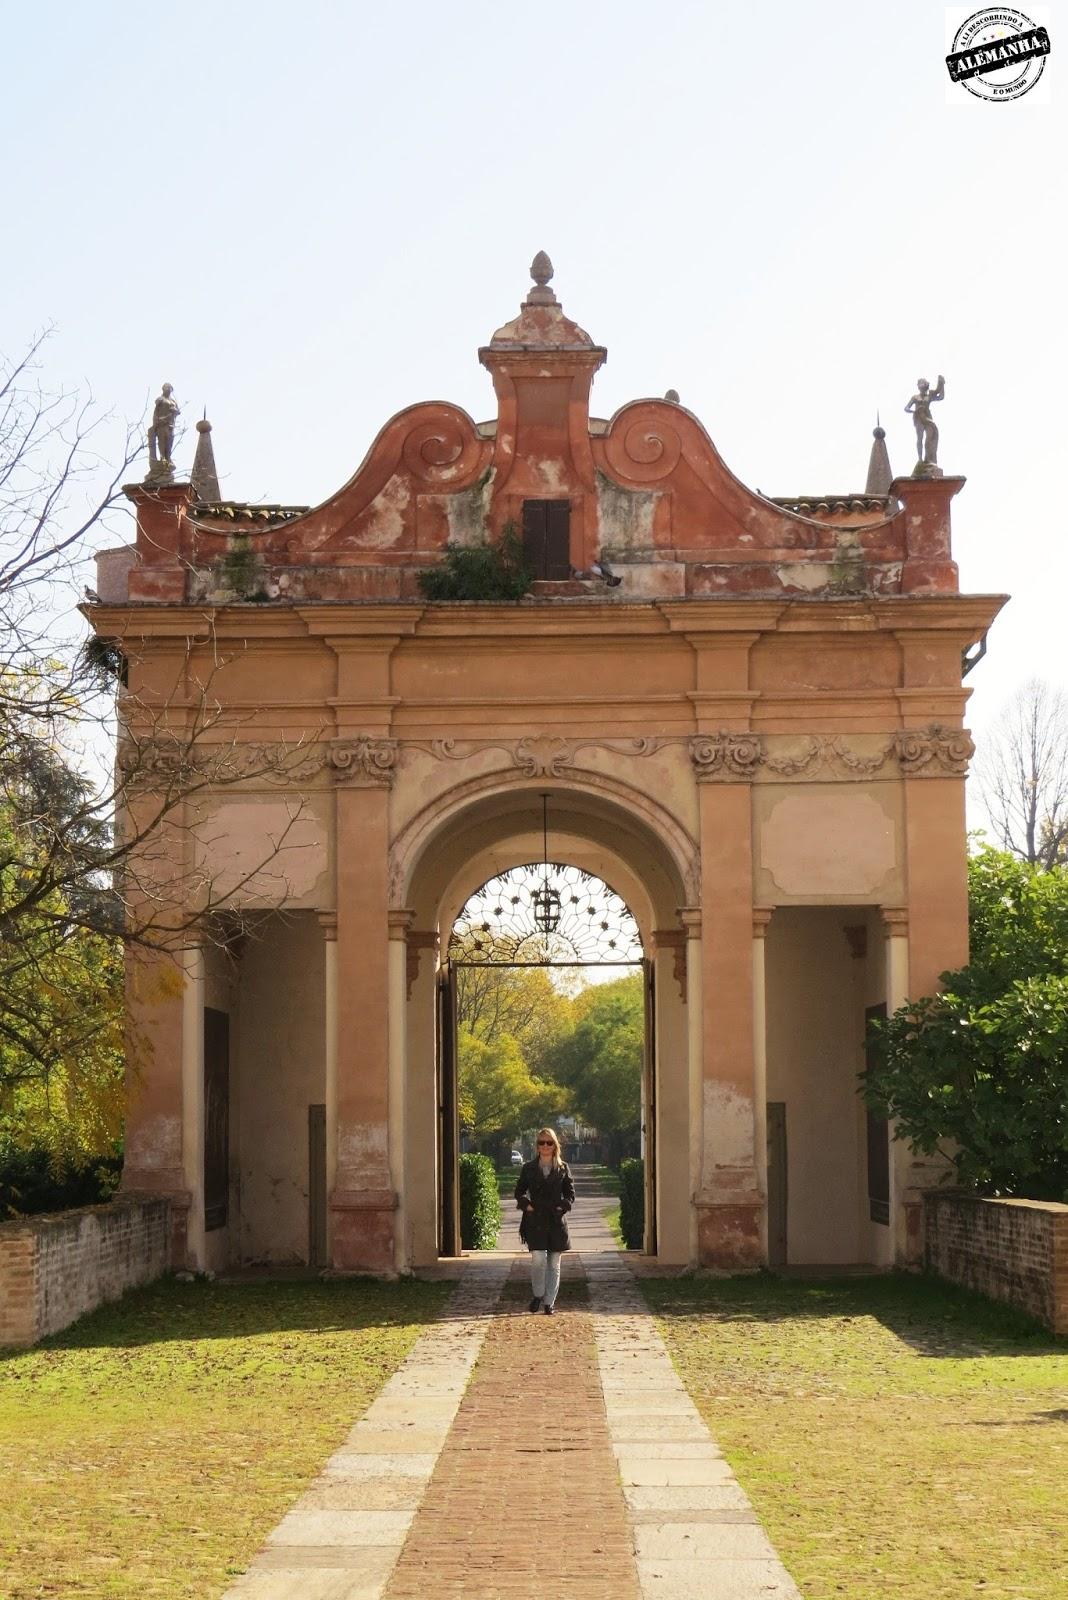 Museu giuseppe verdi a m sica cl ssica e o compositor for Casa discografica musica classica